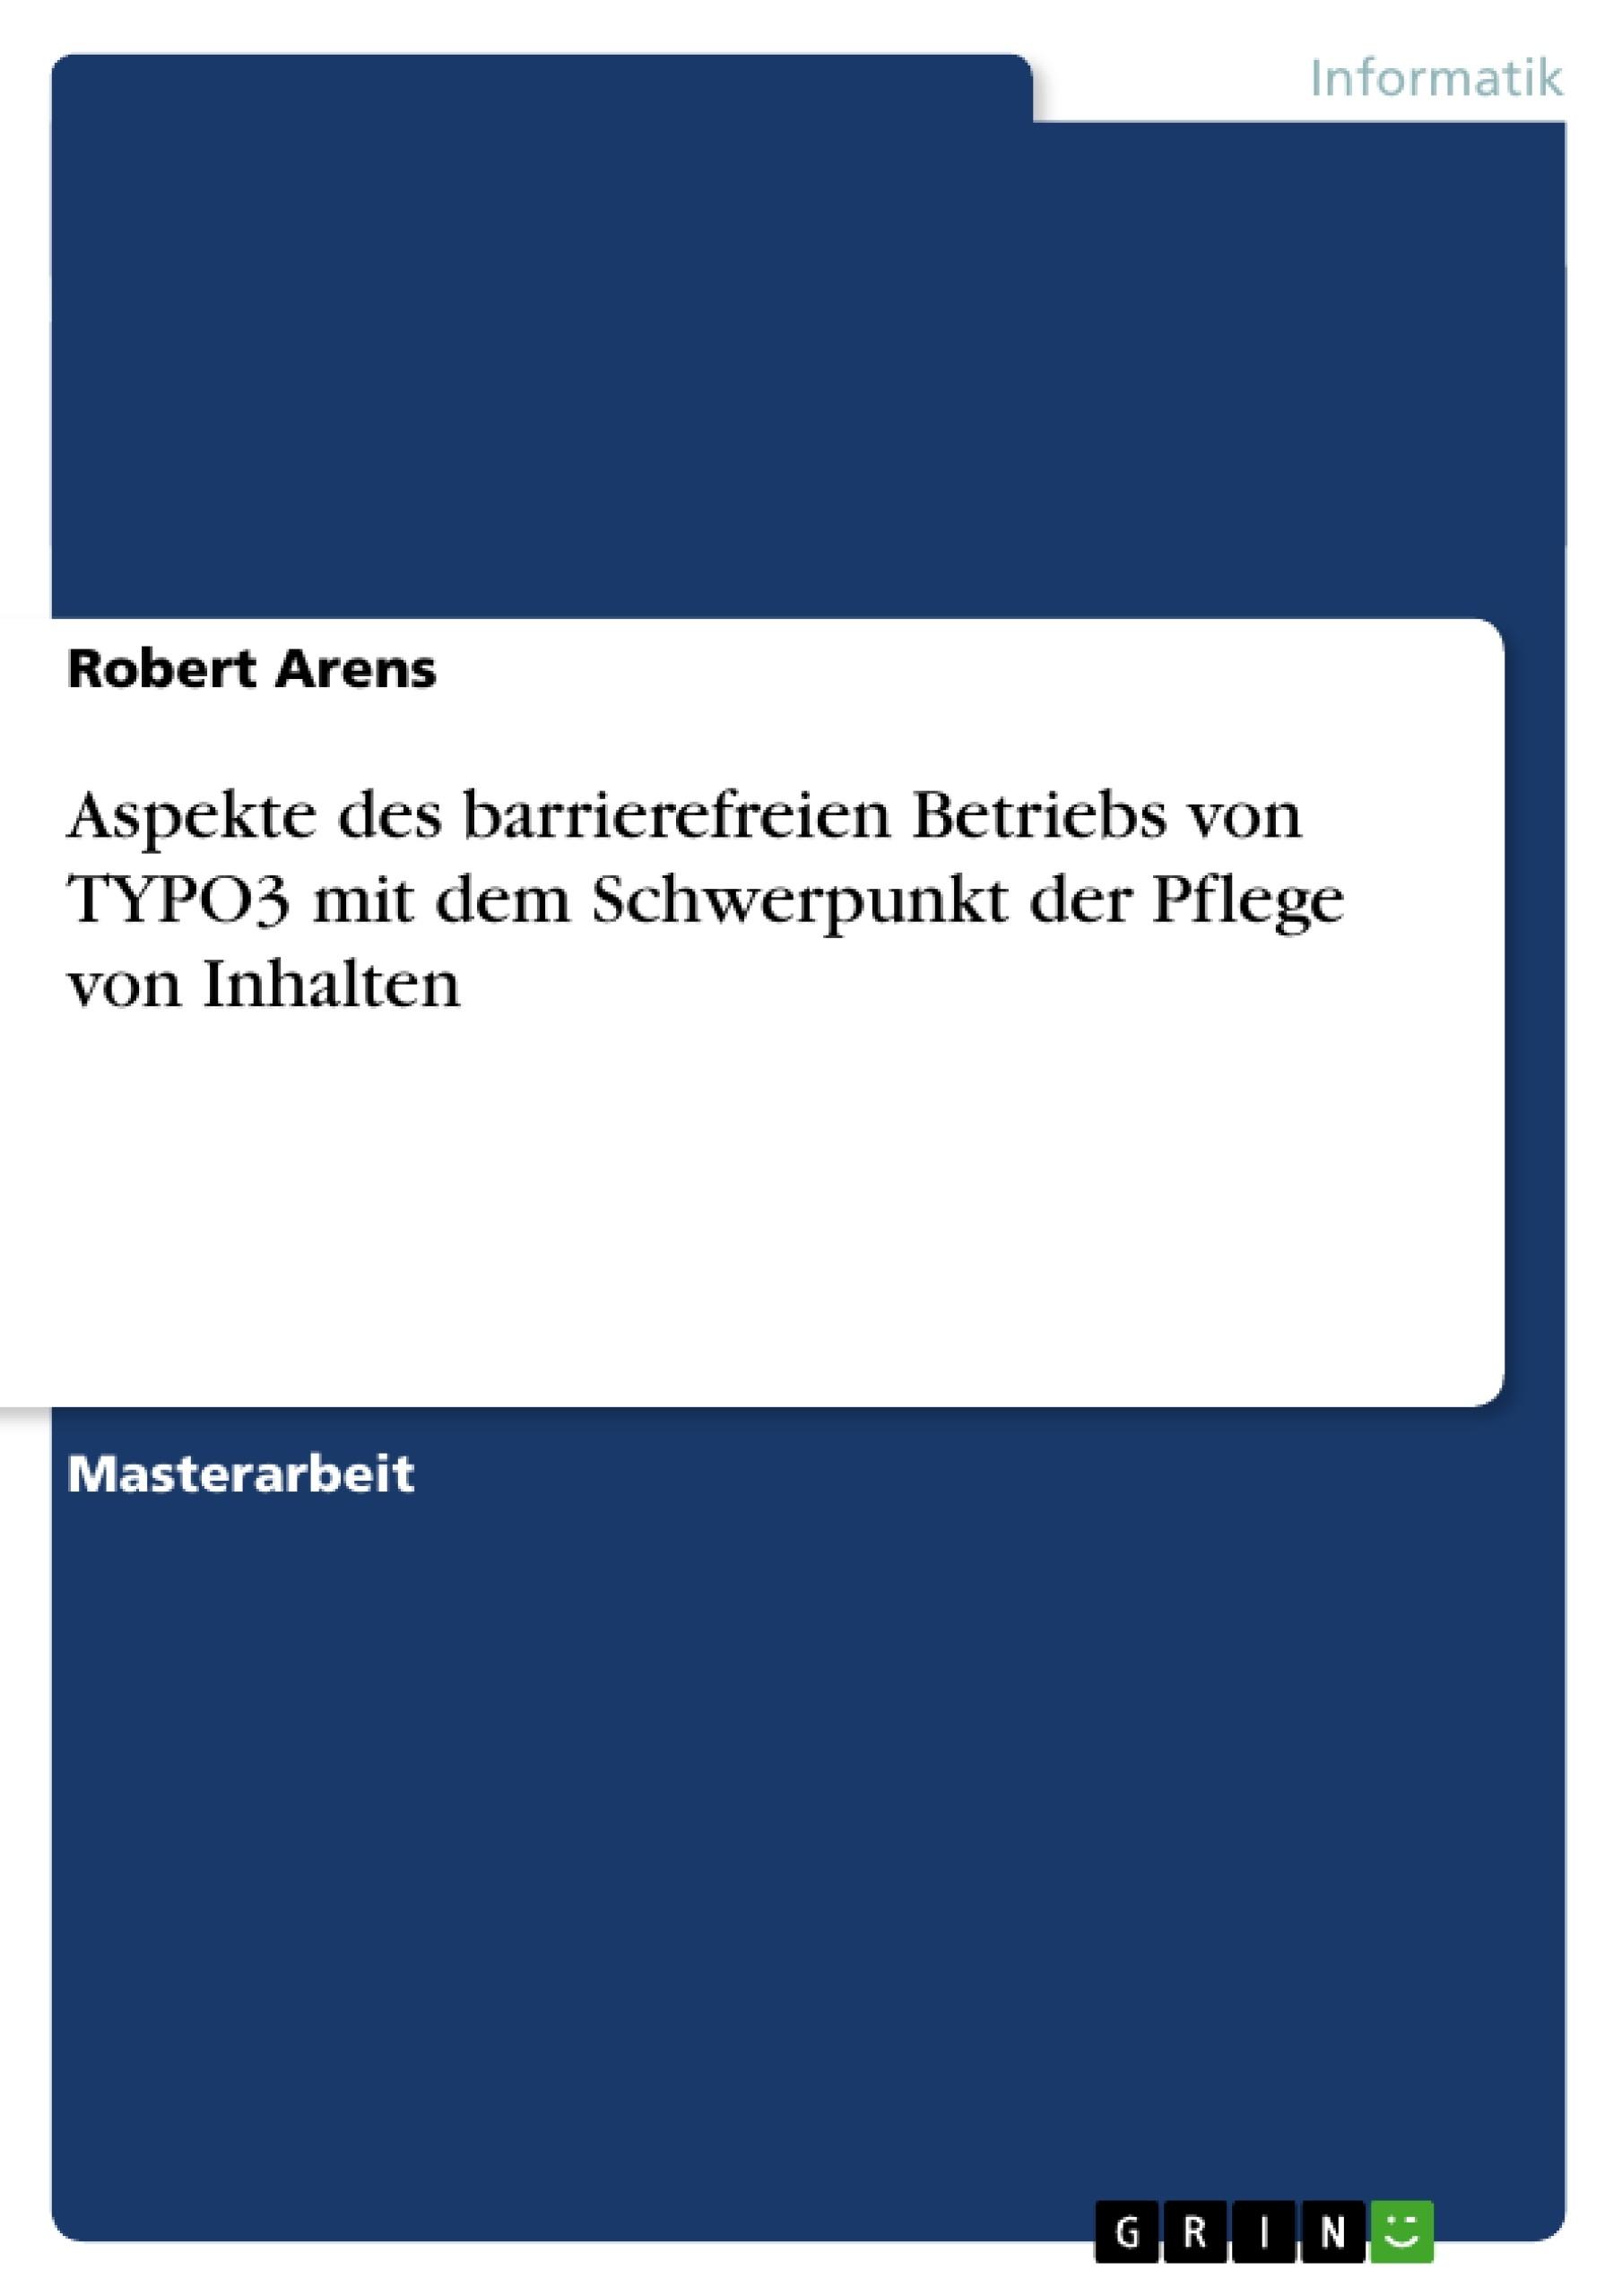 Titel: Aspekte des barrierefreien Betriebs von TYPO3 mit dem Schwerpunkt der Pflege von Inhalten